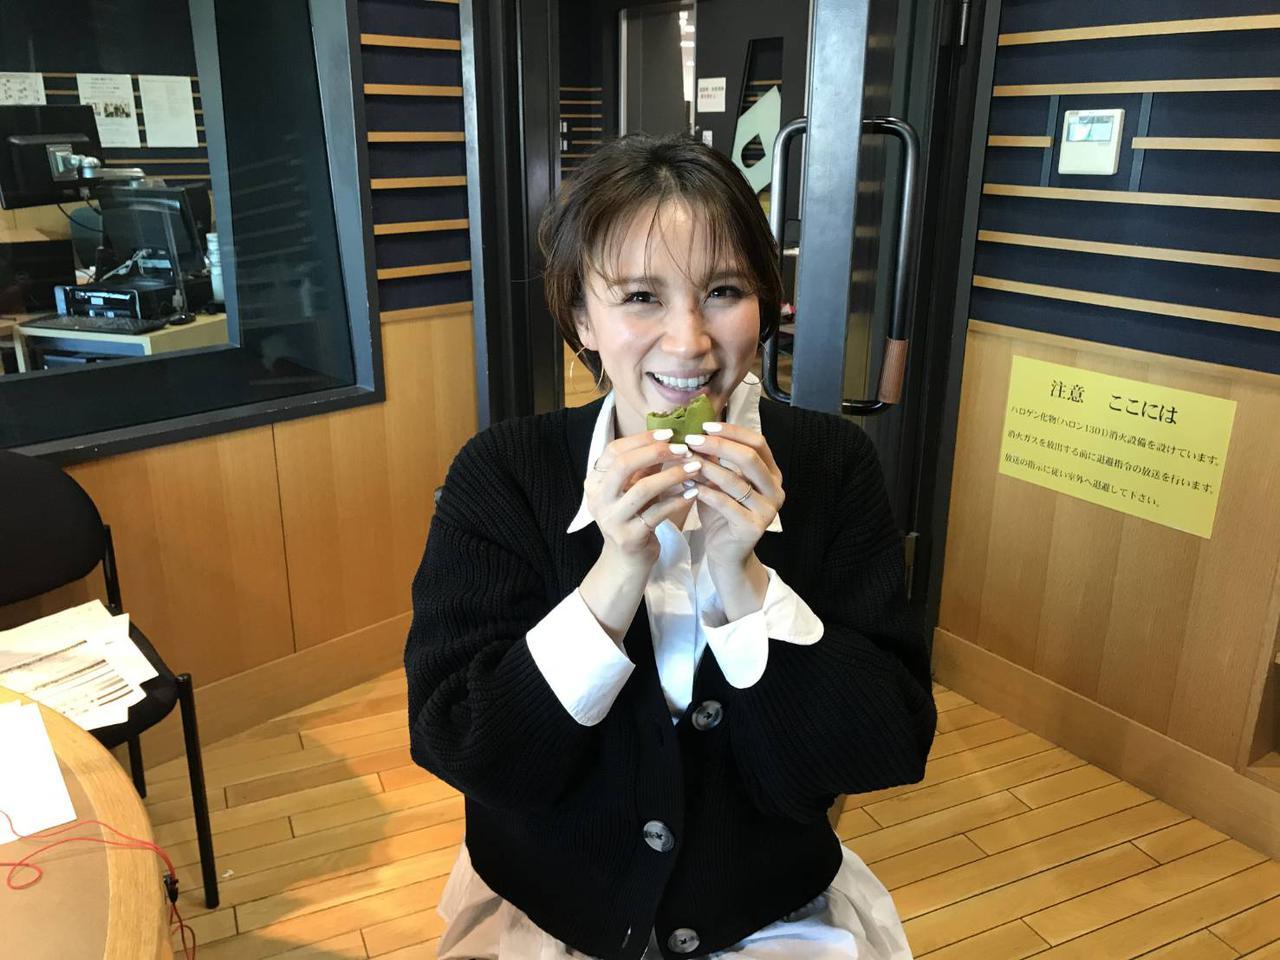 画像3: 3月3日水曜日 阪神高速maruごとハイウェイ!